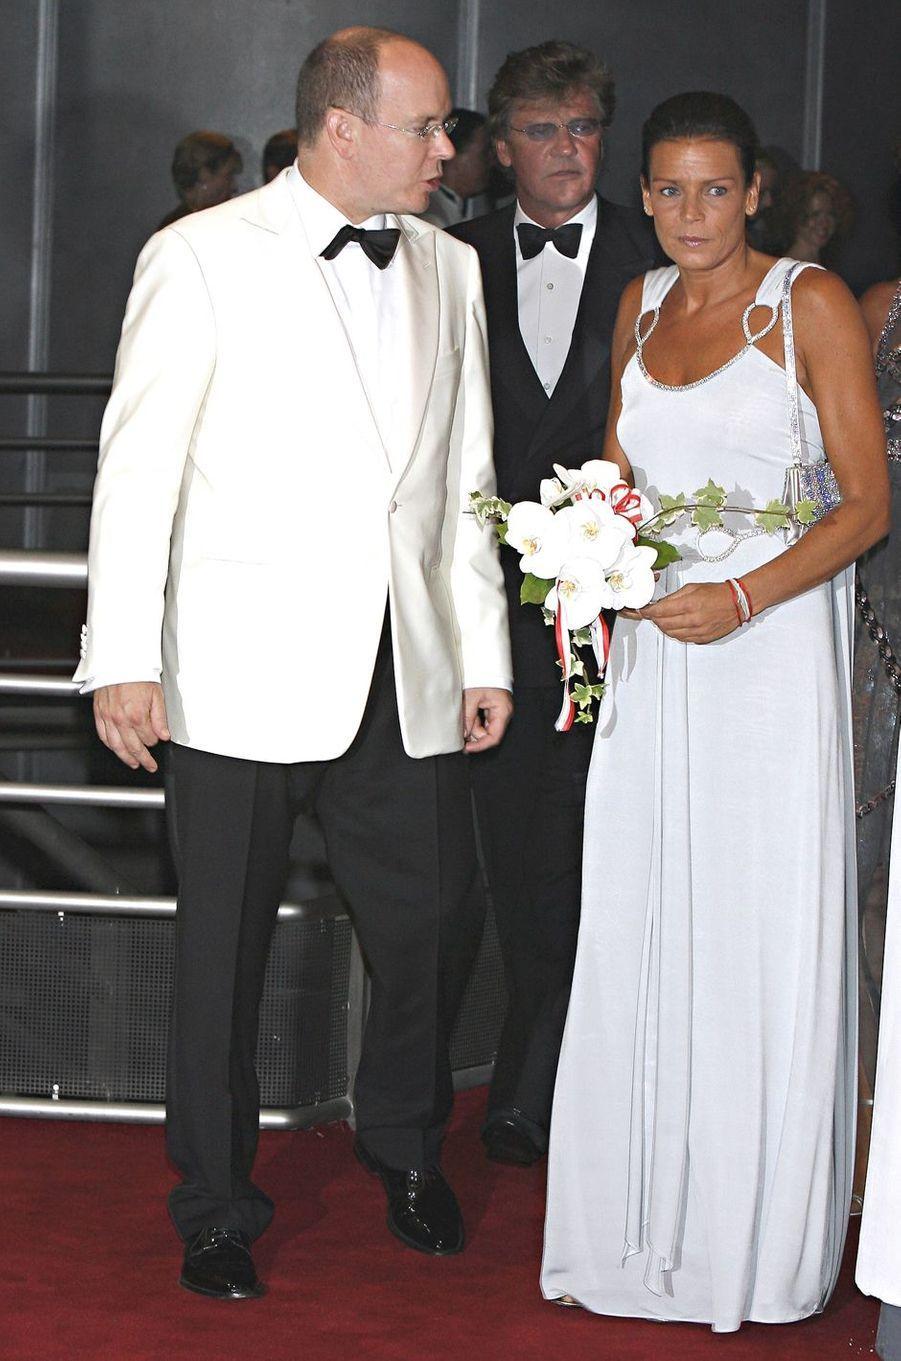 La princesse Stéphanie de Monaco au bal de la Croix-Rouge en juillet 2007